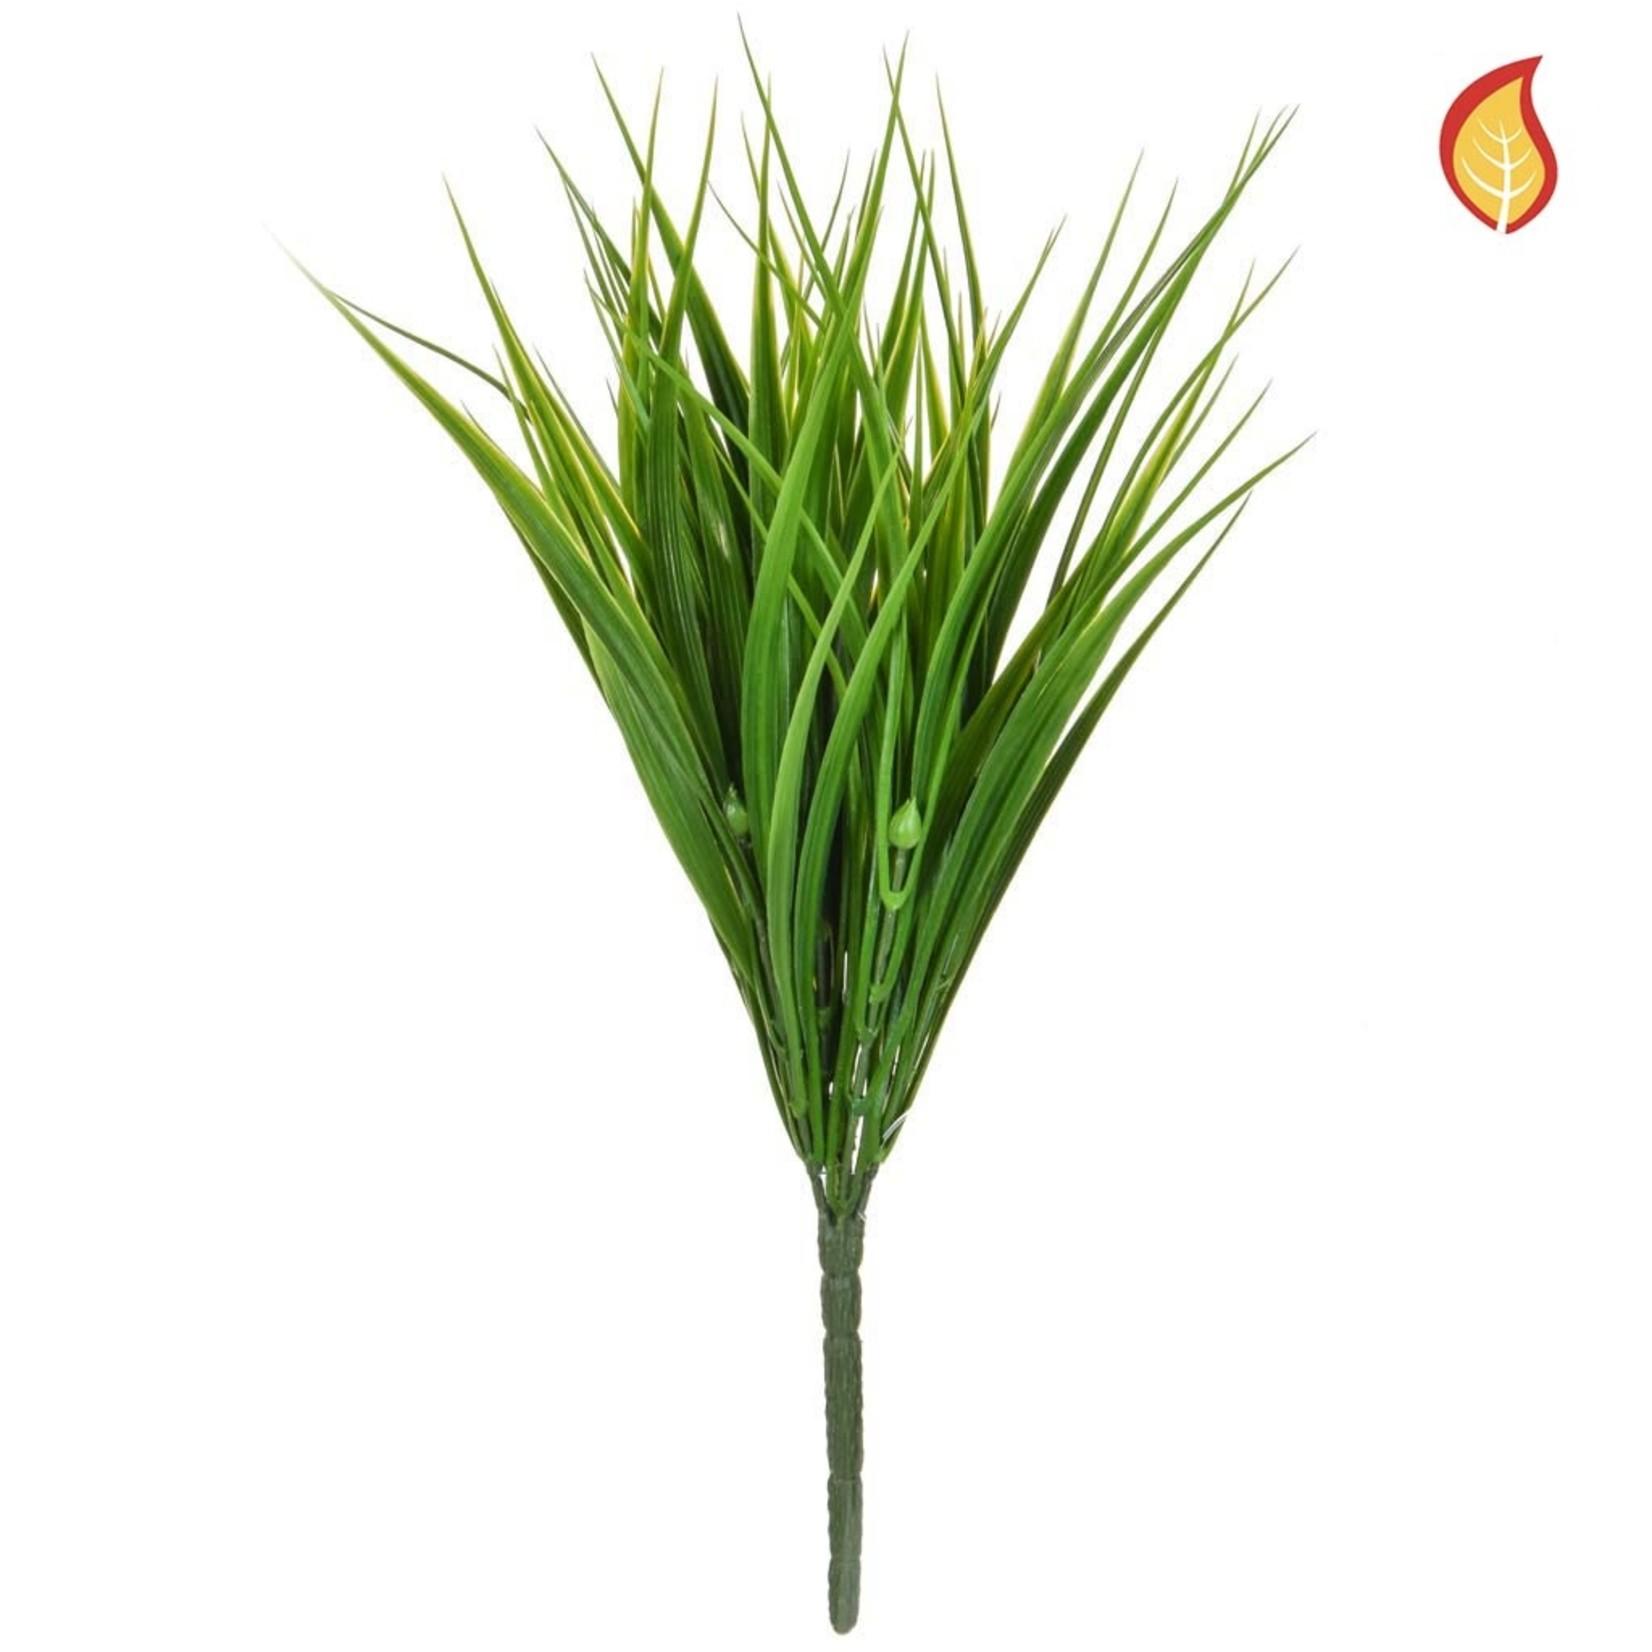 Grass Vanilla Grass Green 30cm - Fire Rated